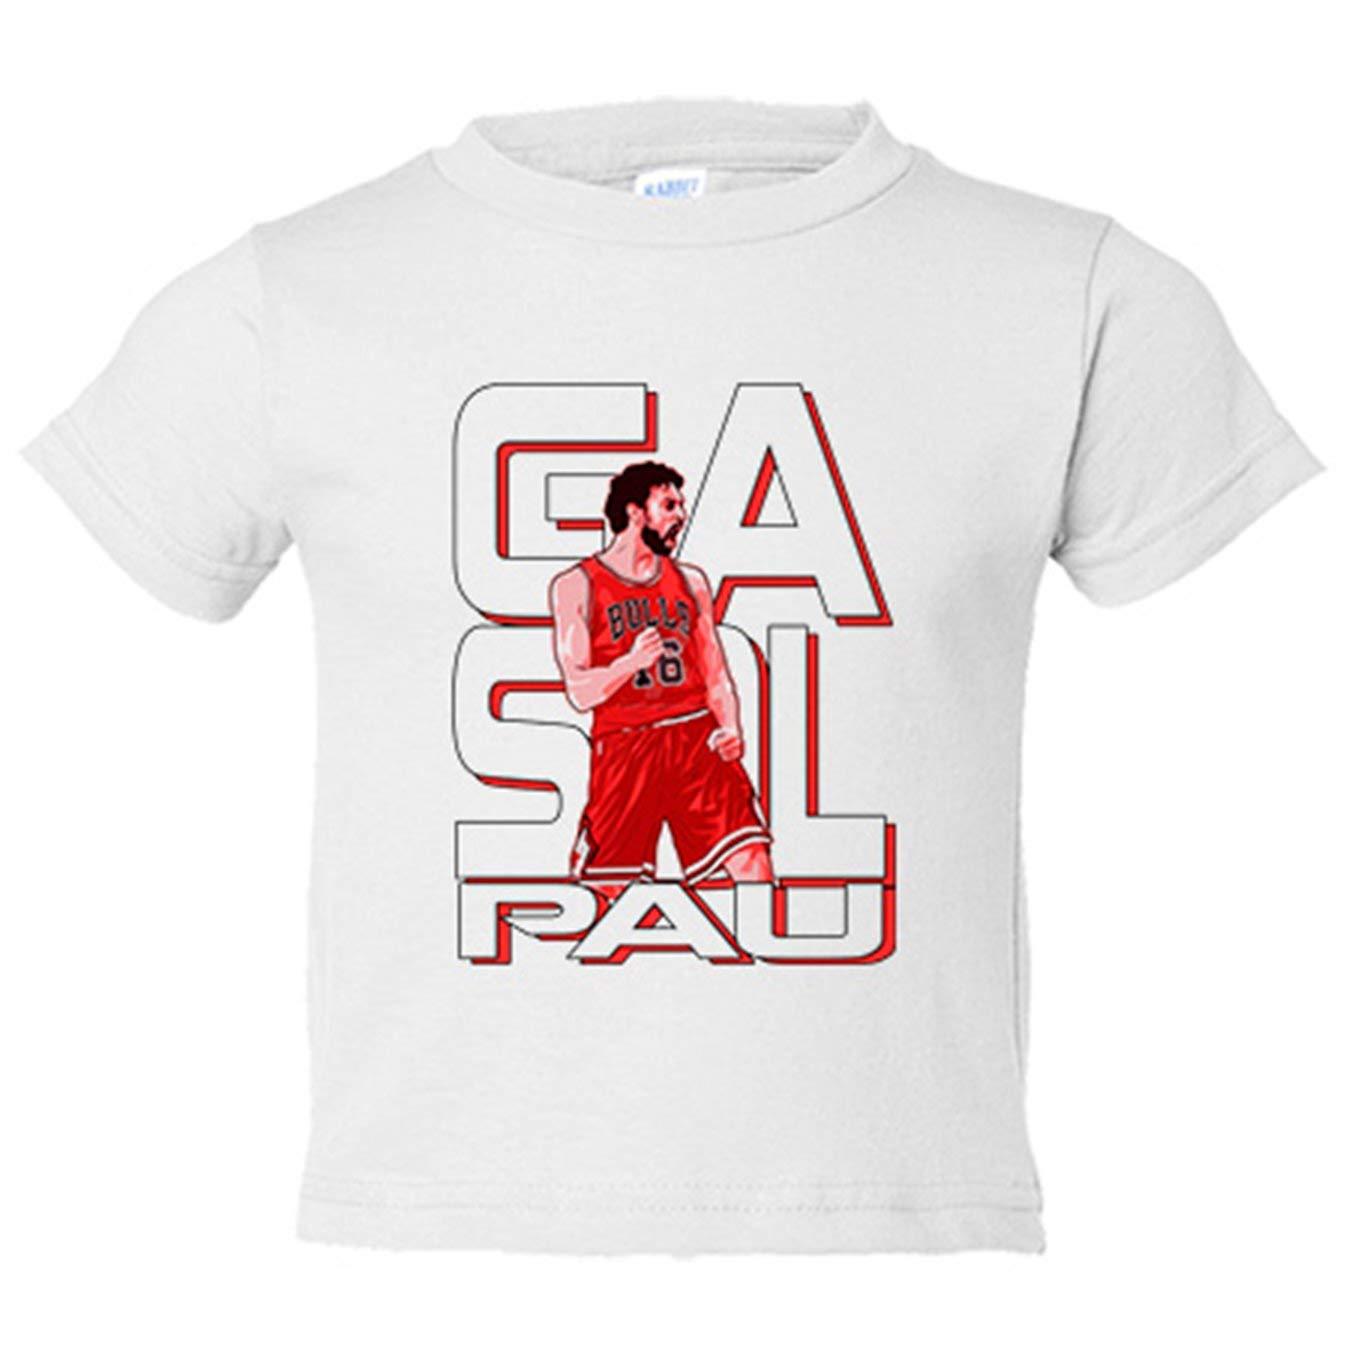 Camiseta niño Pau Gasol leyenda del baloncesto - Blanco, 3-4 años: Amazon.es: Bebé